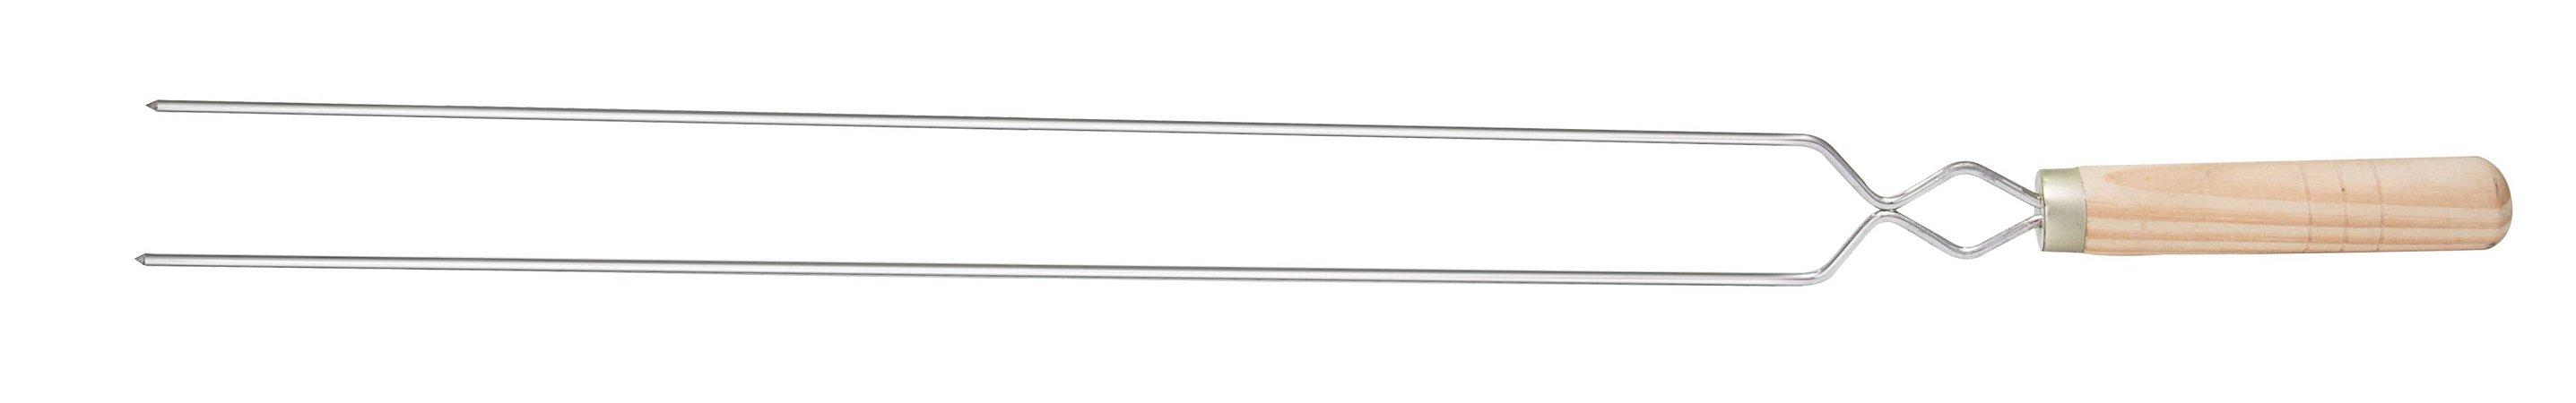 Espeto Duplo Grande 75cm Cromado